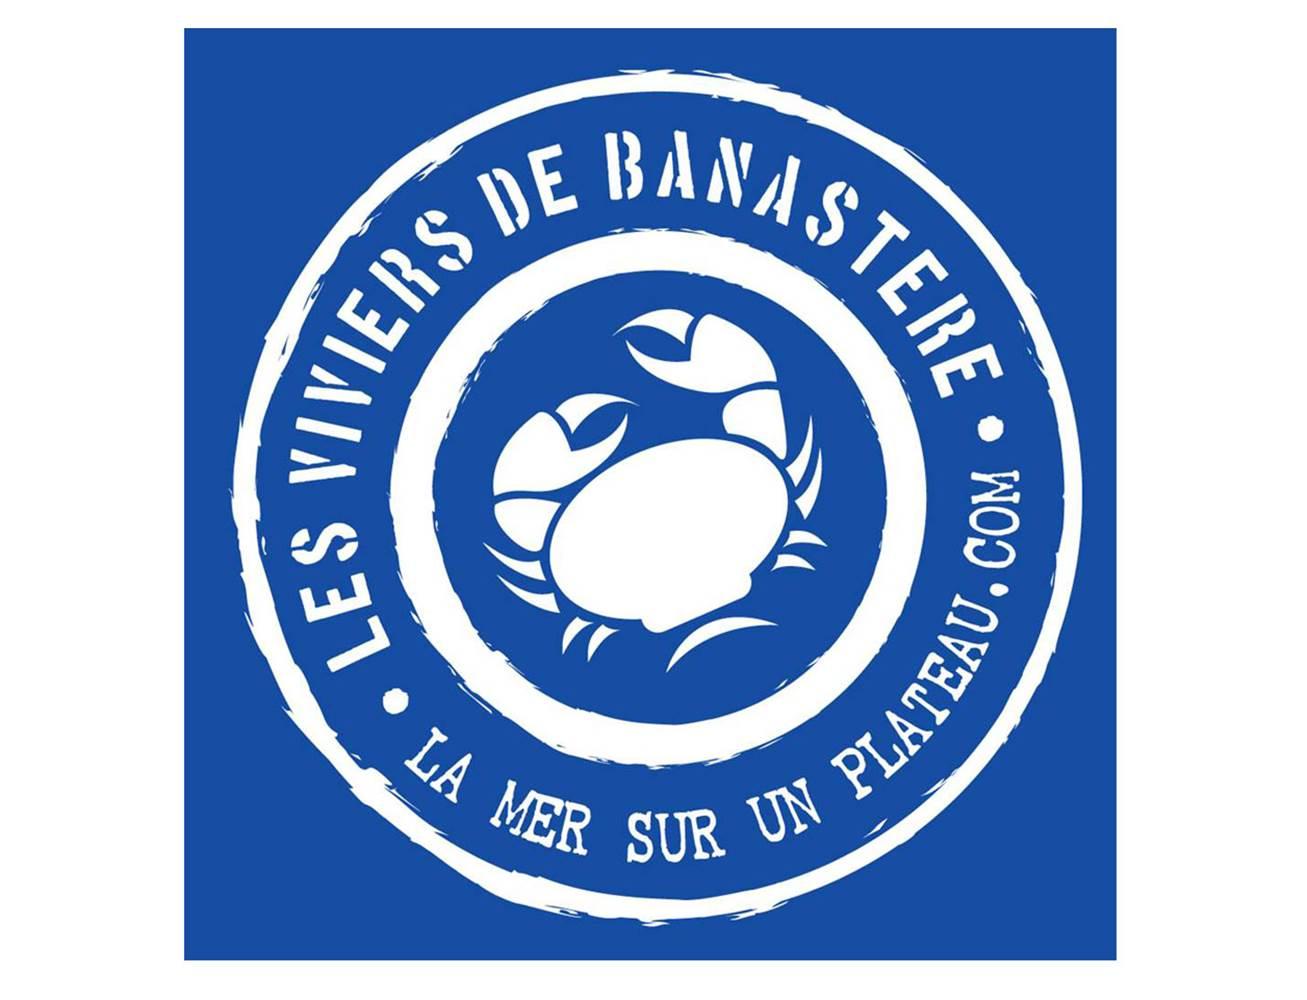 Logo-Les-Viviers-de-Banastère-Le-Tour-du-Parc-Presqu'île-de-Rhuys-Golfe-du-Morbihan-Bretagne sud © Les Viviers de Banastère